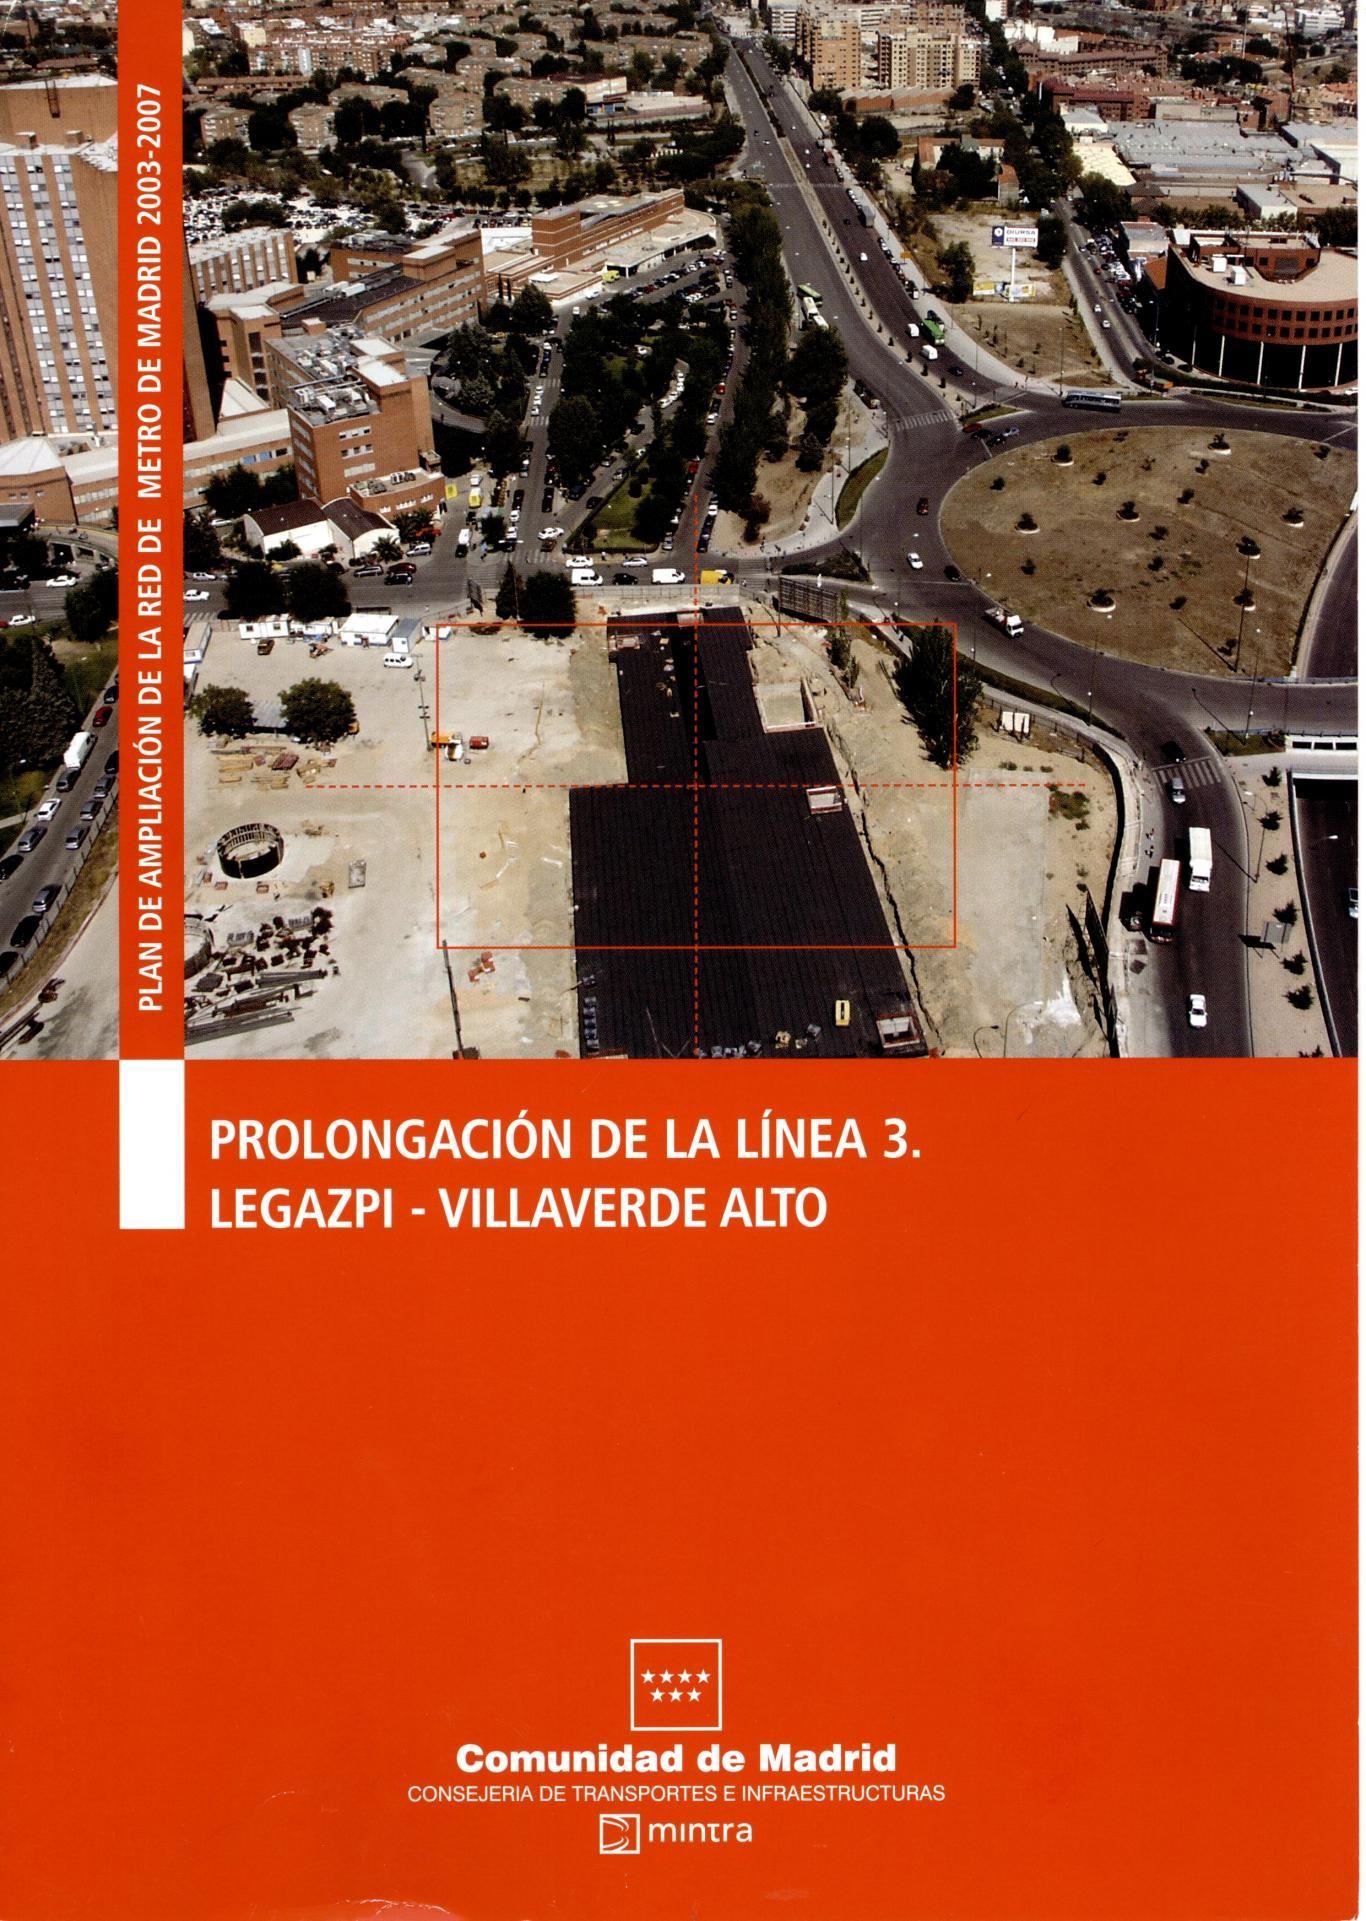 caratula folleto línea 3 Legazpi-Villaverde Alto